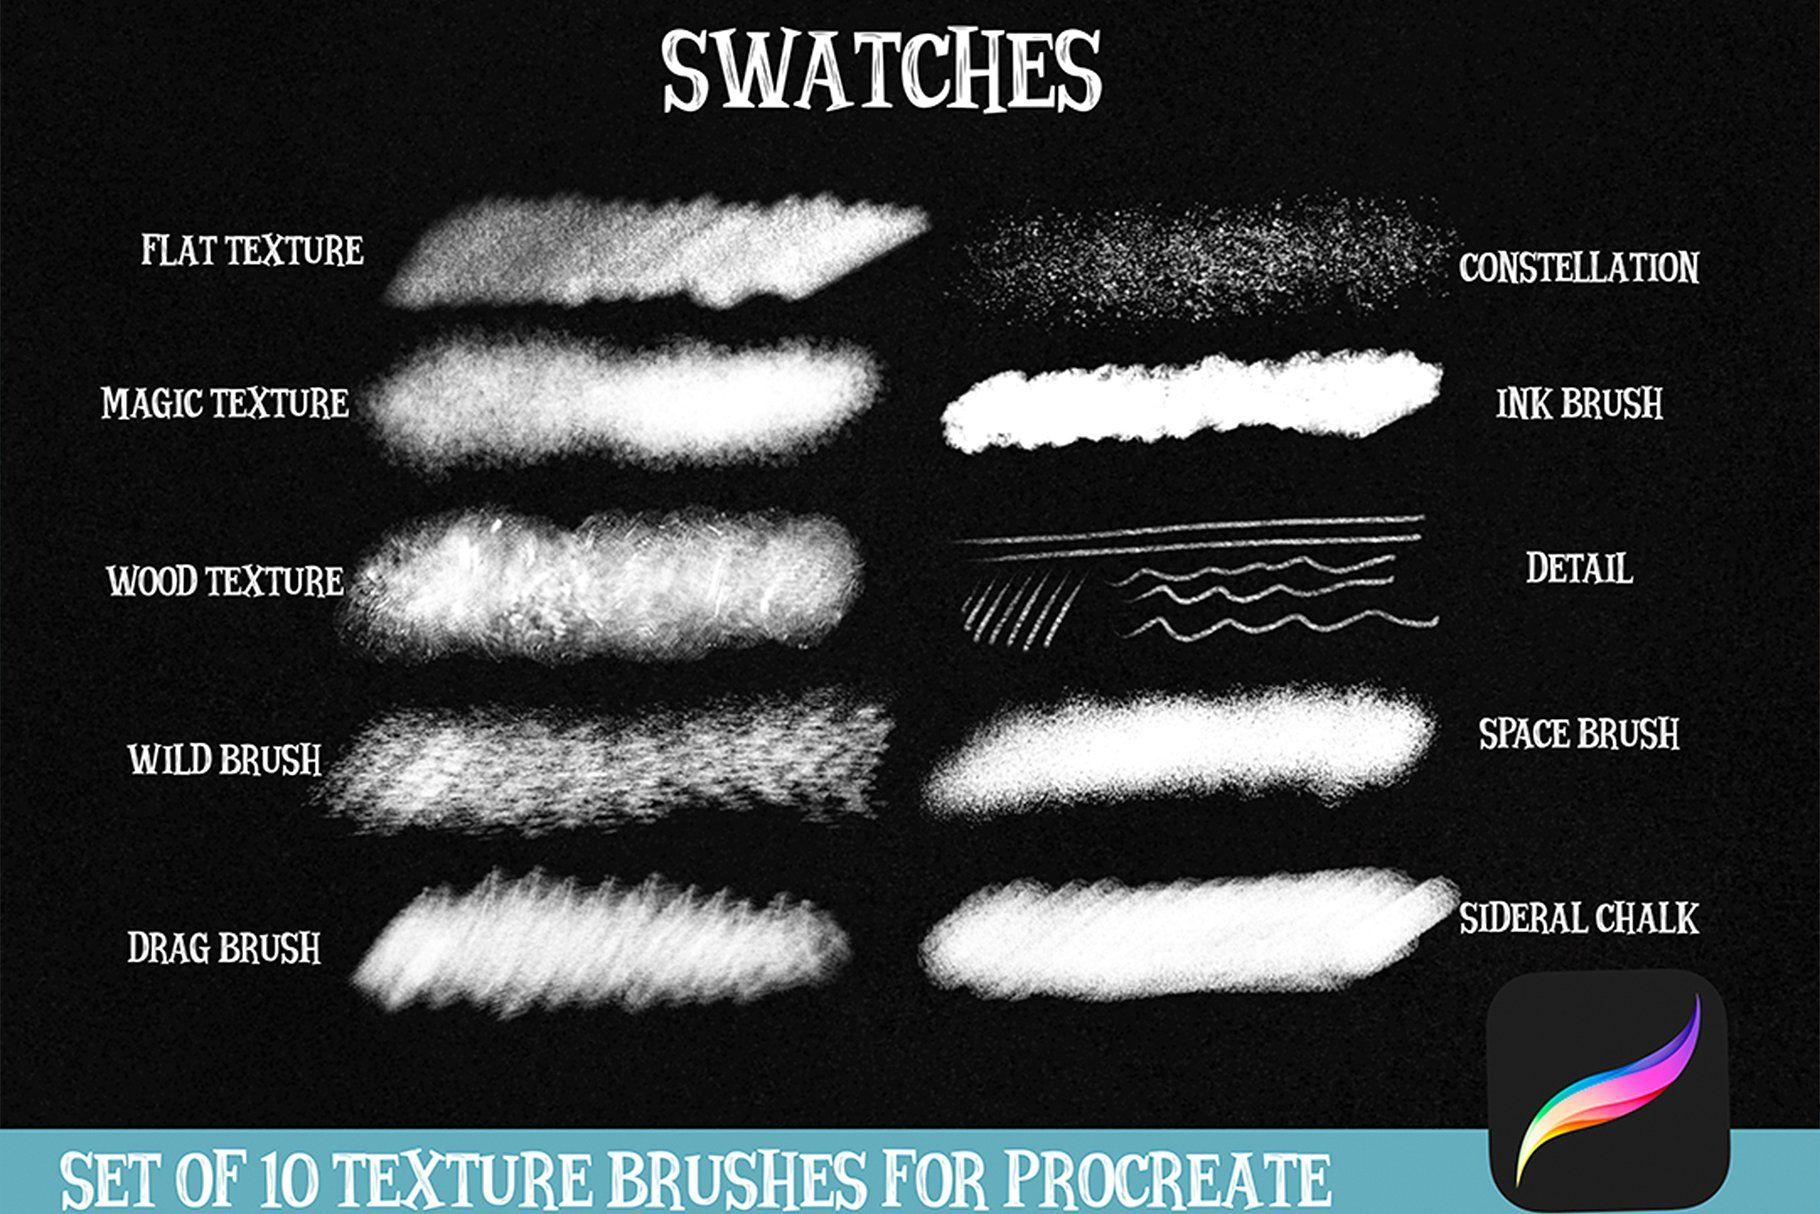 Procreate Texture Brushes Box Ink Brush Brush Procreate